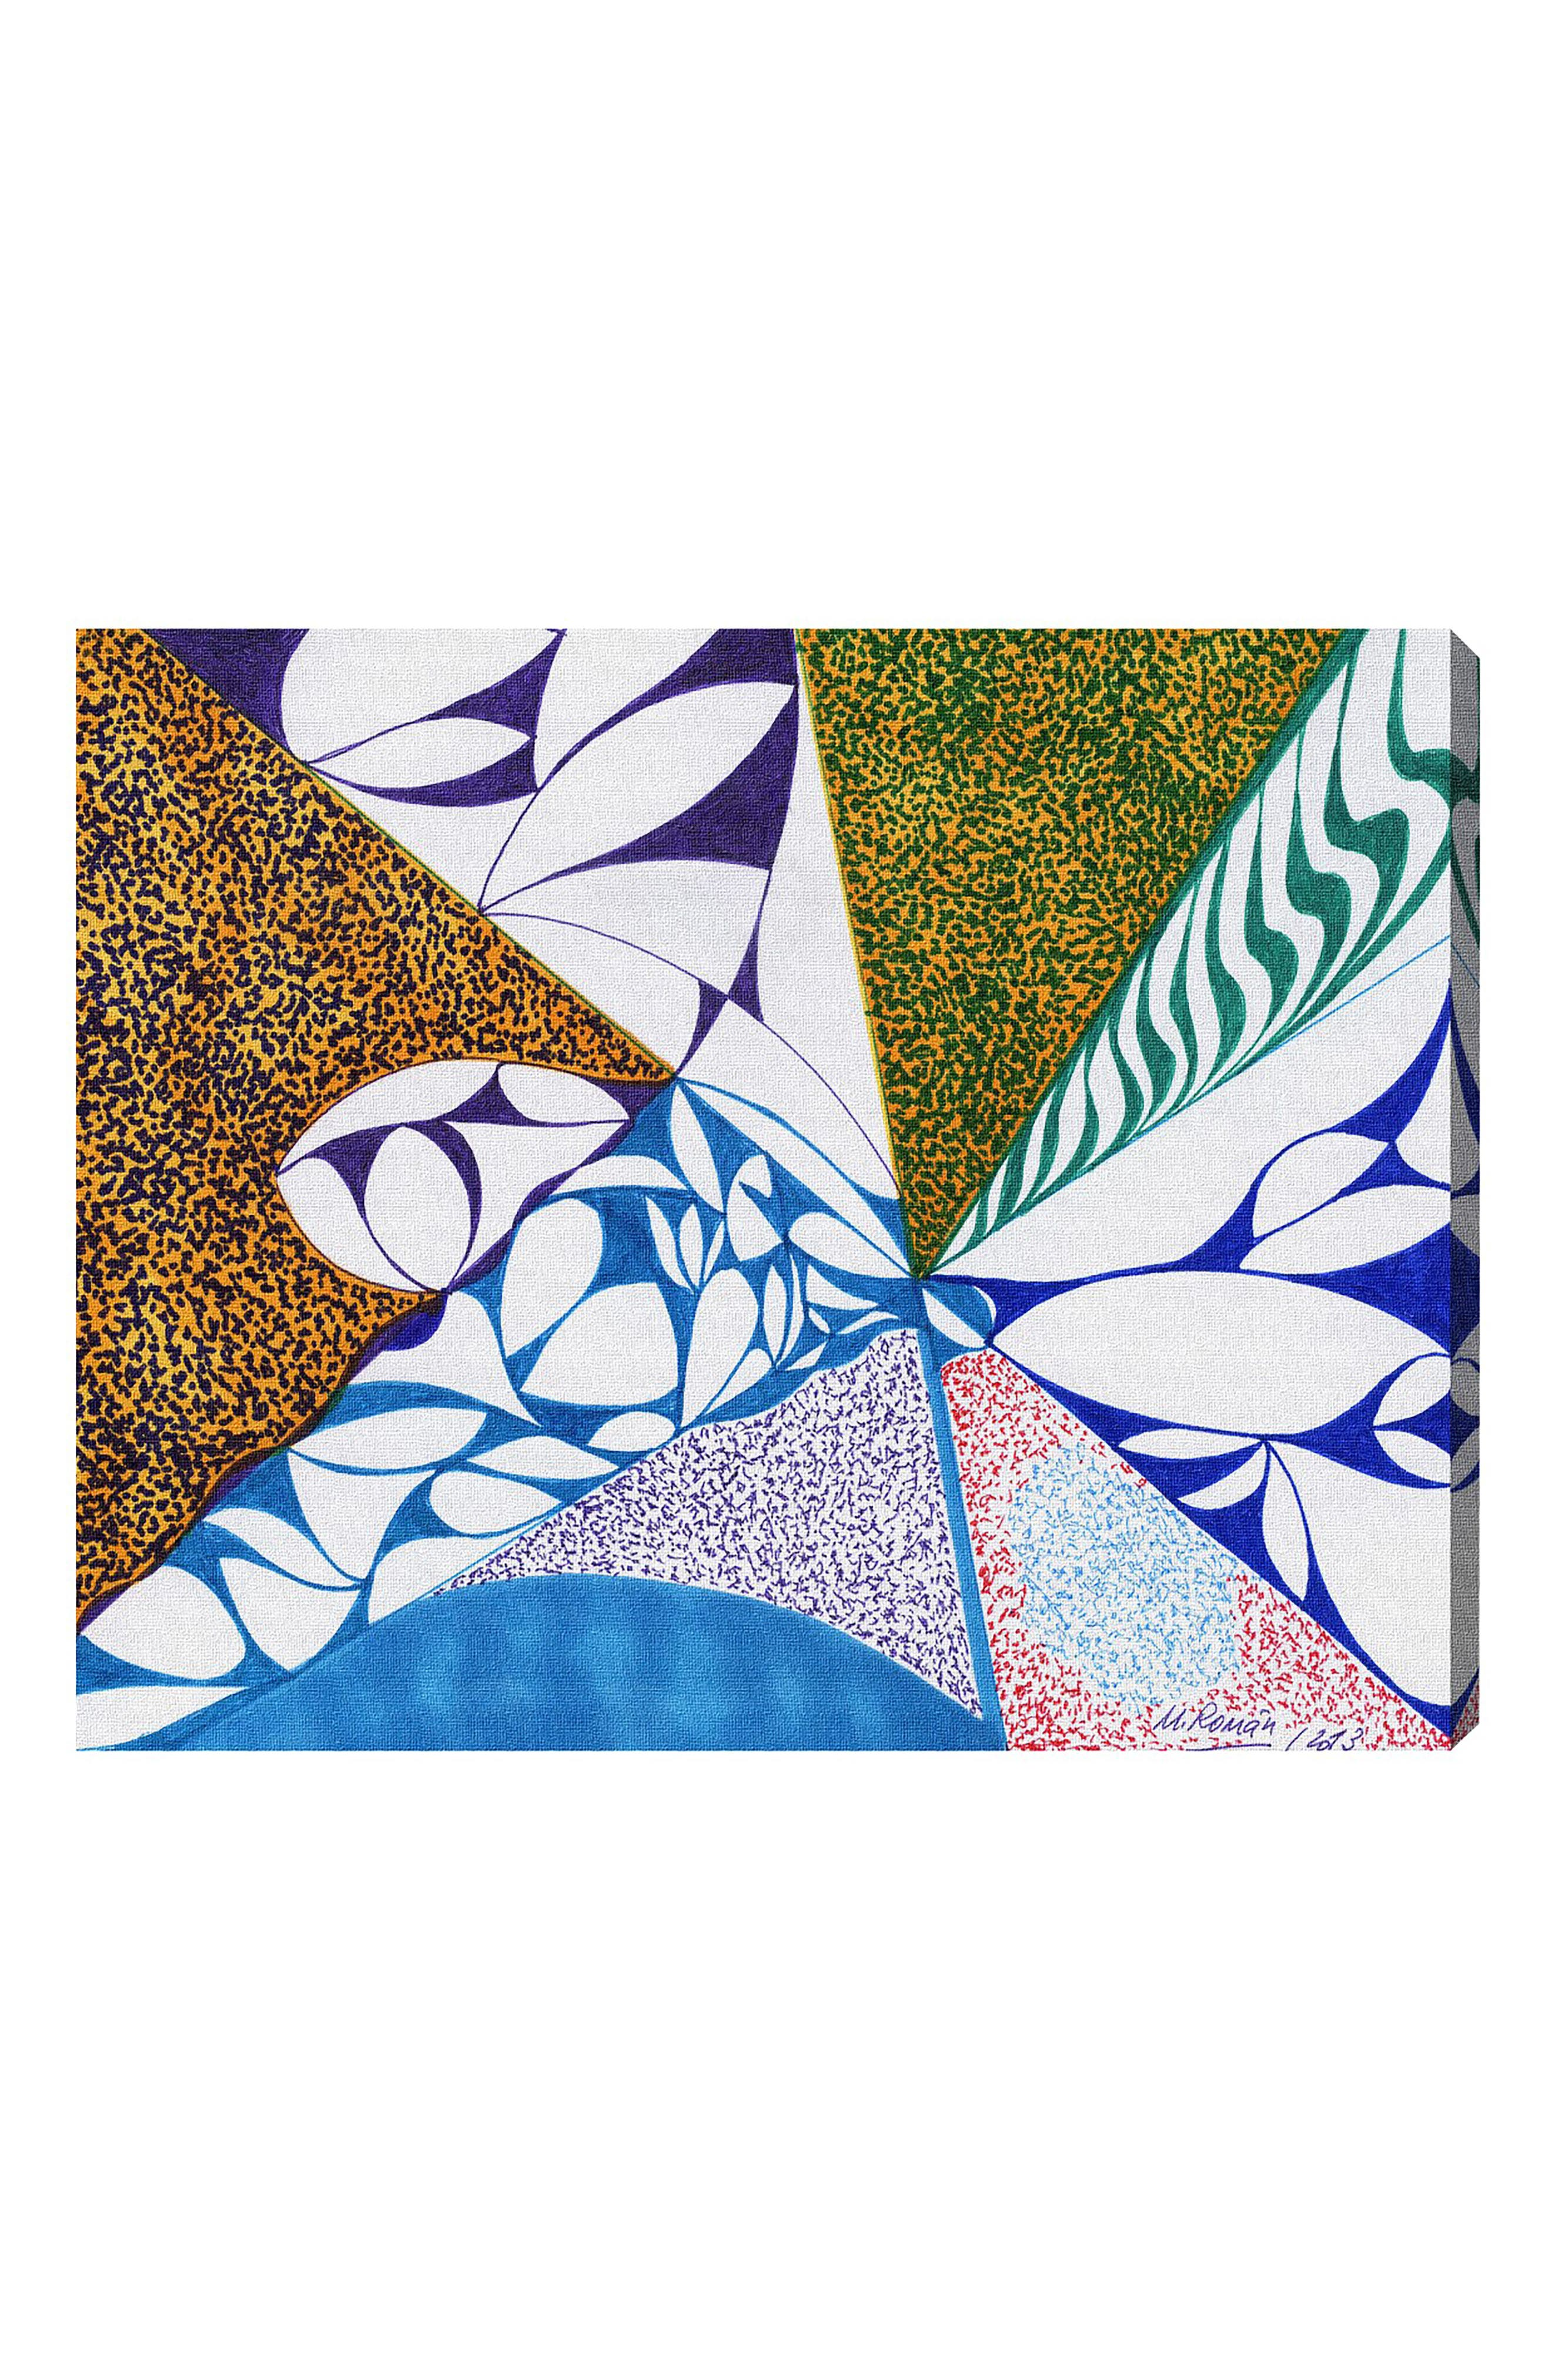 Farmland Canvas Wall Art,                             Main thumbnail 1, color,                             WHITE